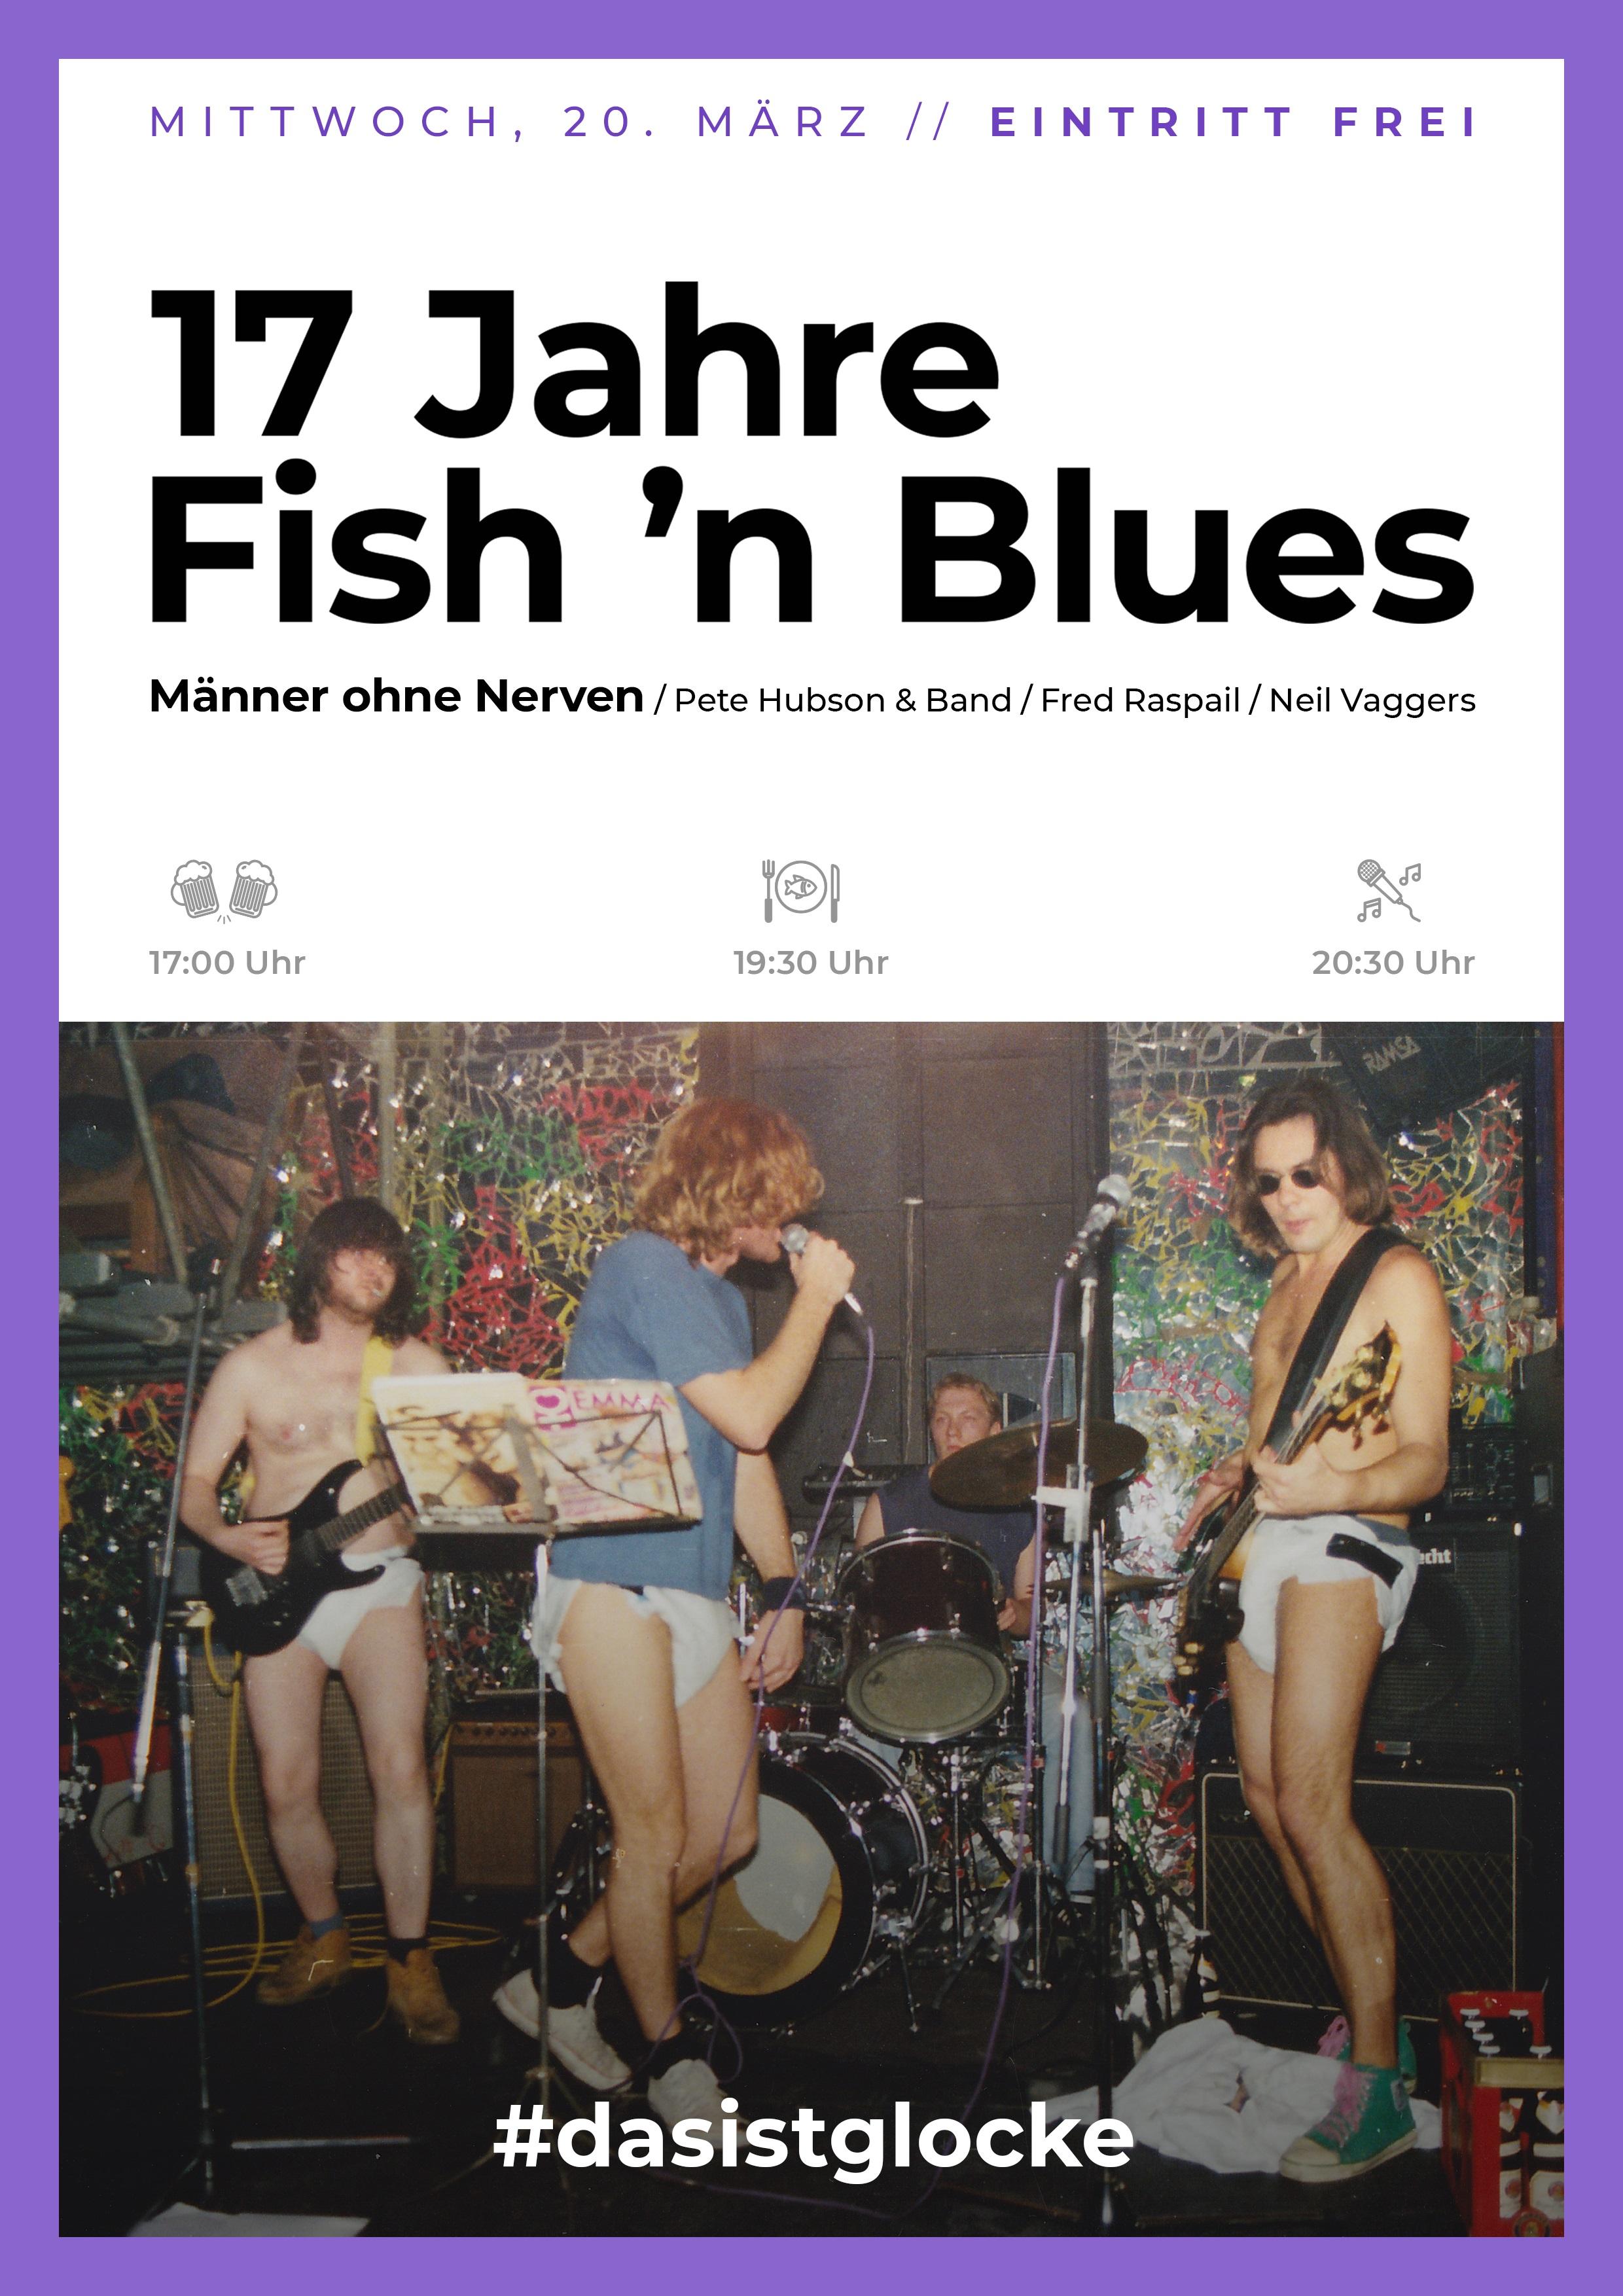 fishblues.jpg